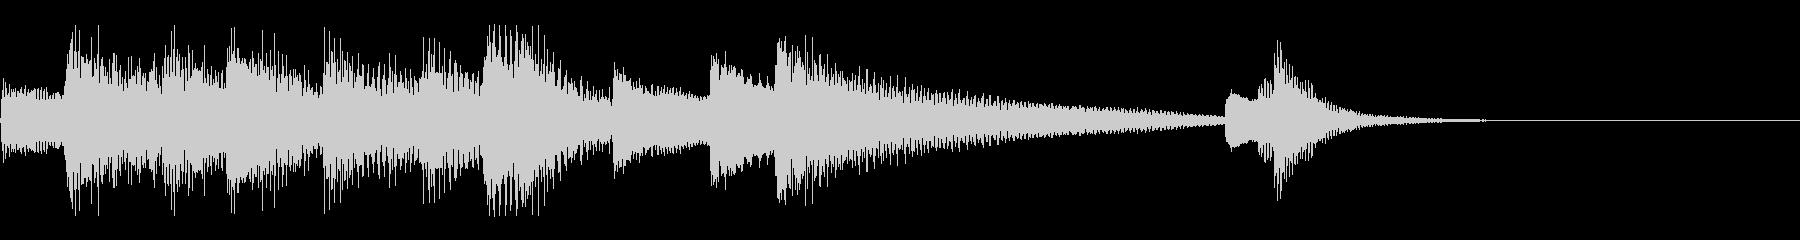 10秒未満の短く軽快なピアノのジングルの未再生の波形